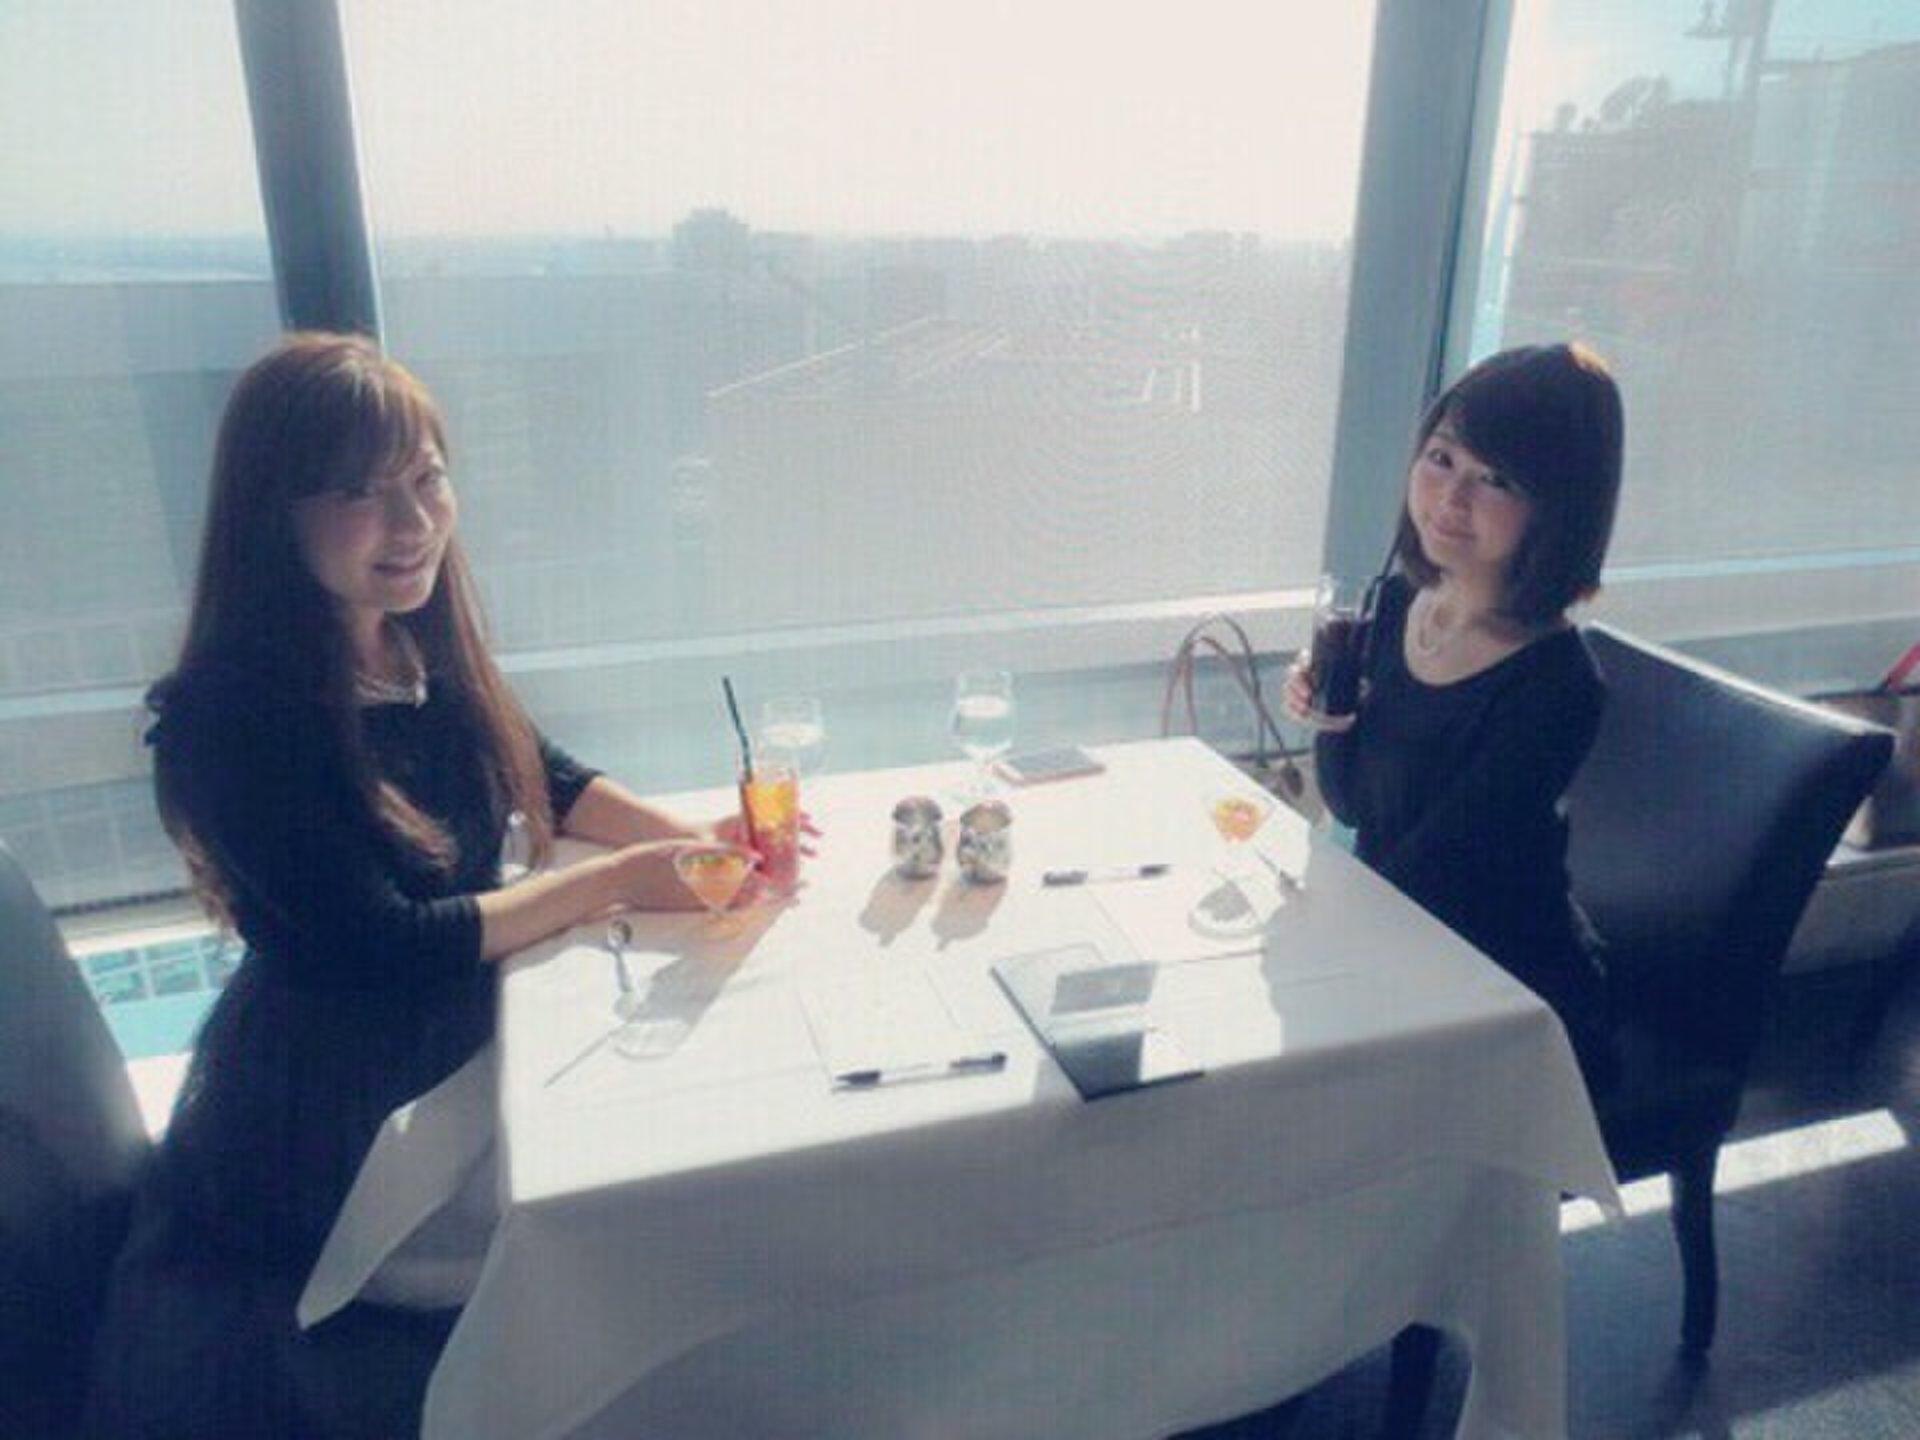 【東京・汐留】女子会におすすめ!絶景でなおかつヘルシーランチが楽しめる、隠れランチスポット♪